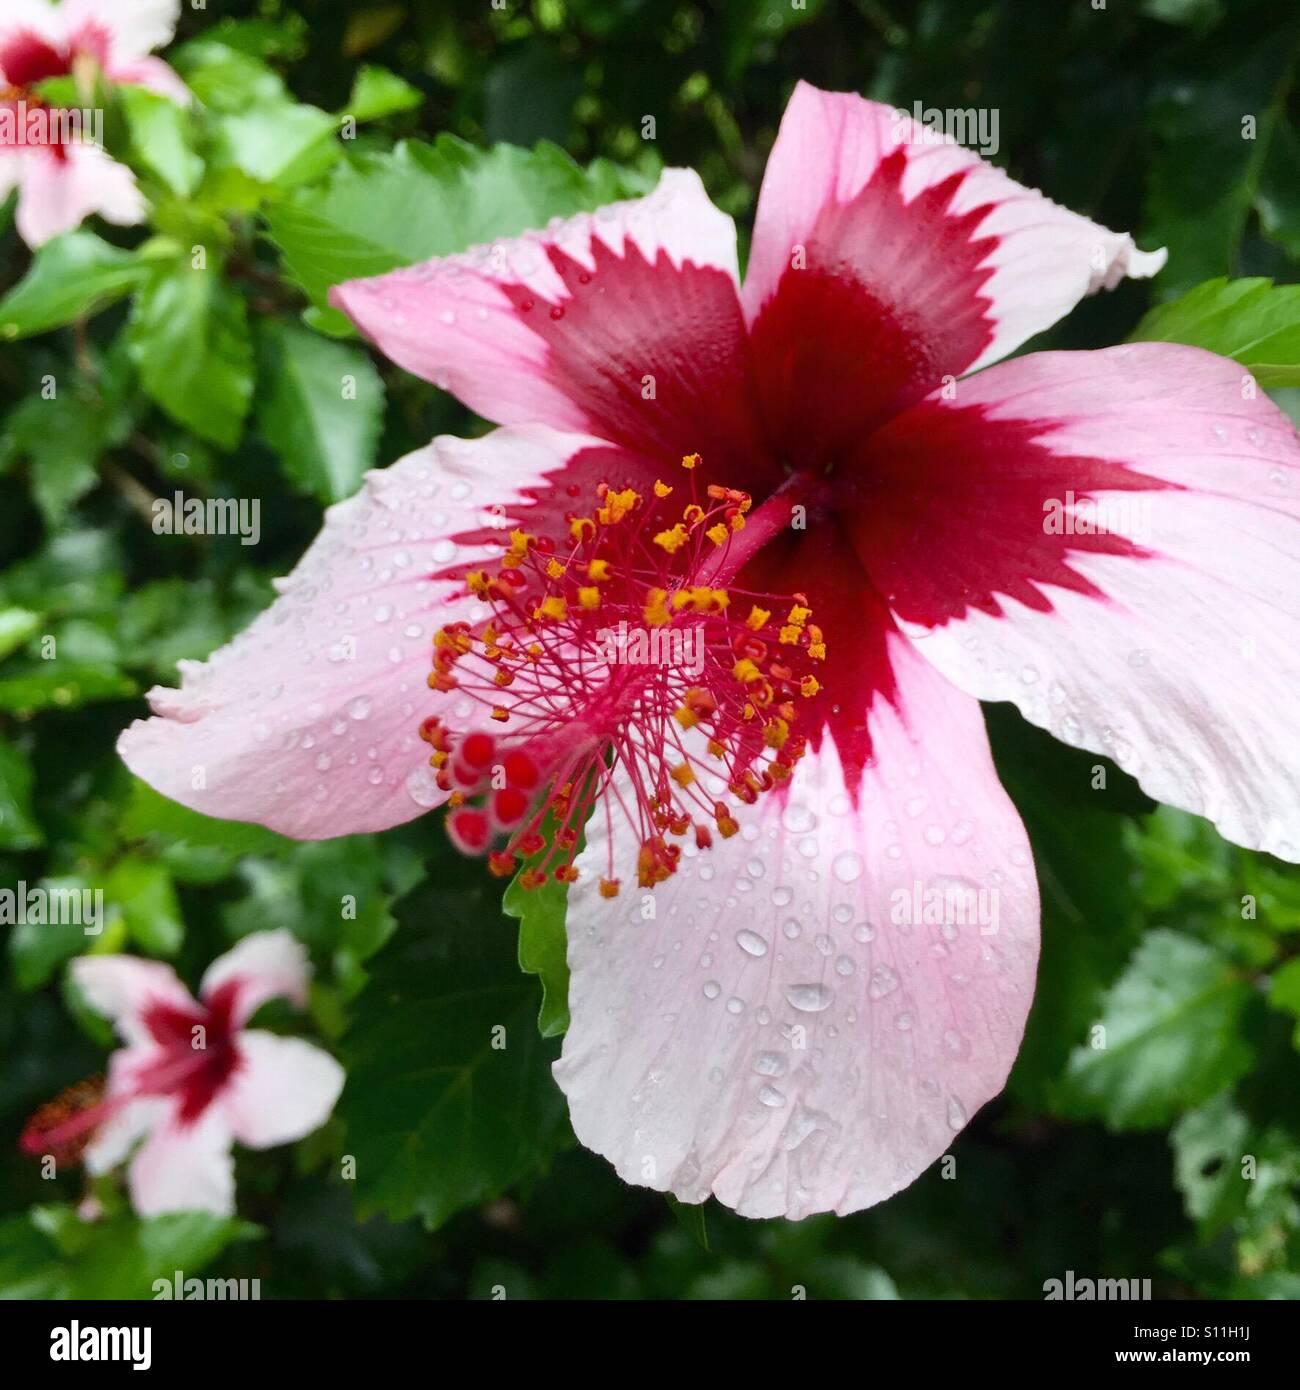 Hawaii kauai hibiscus flower stock photos hawaii kauai hibiscus hibiscus stock image izmirmasajfo